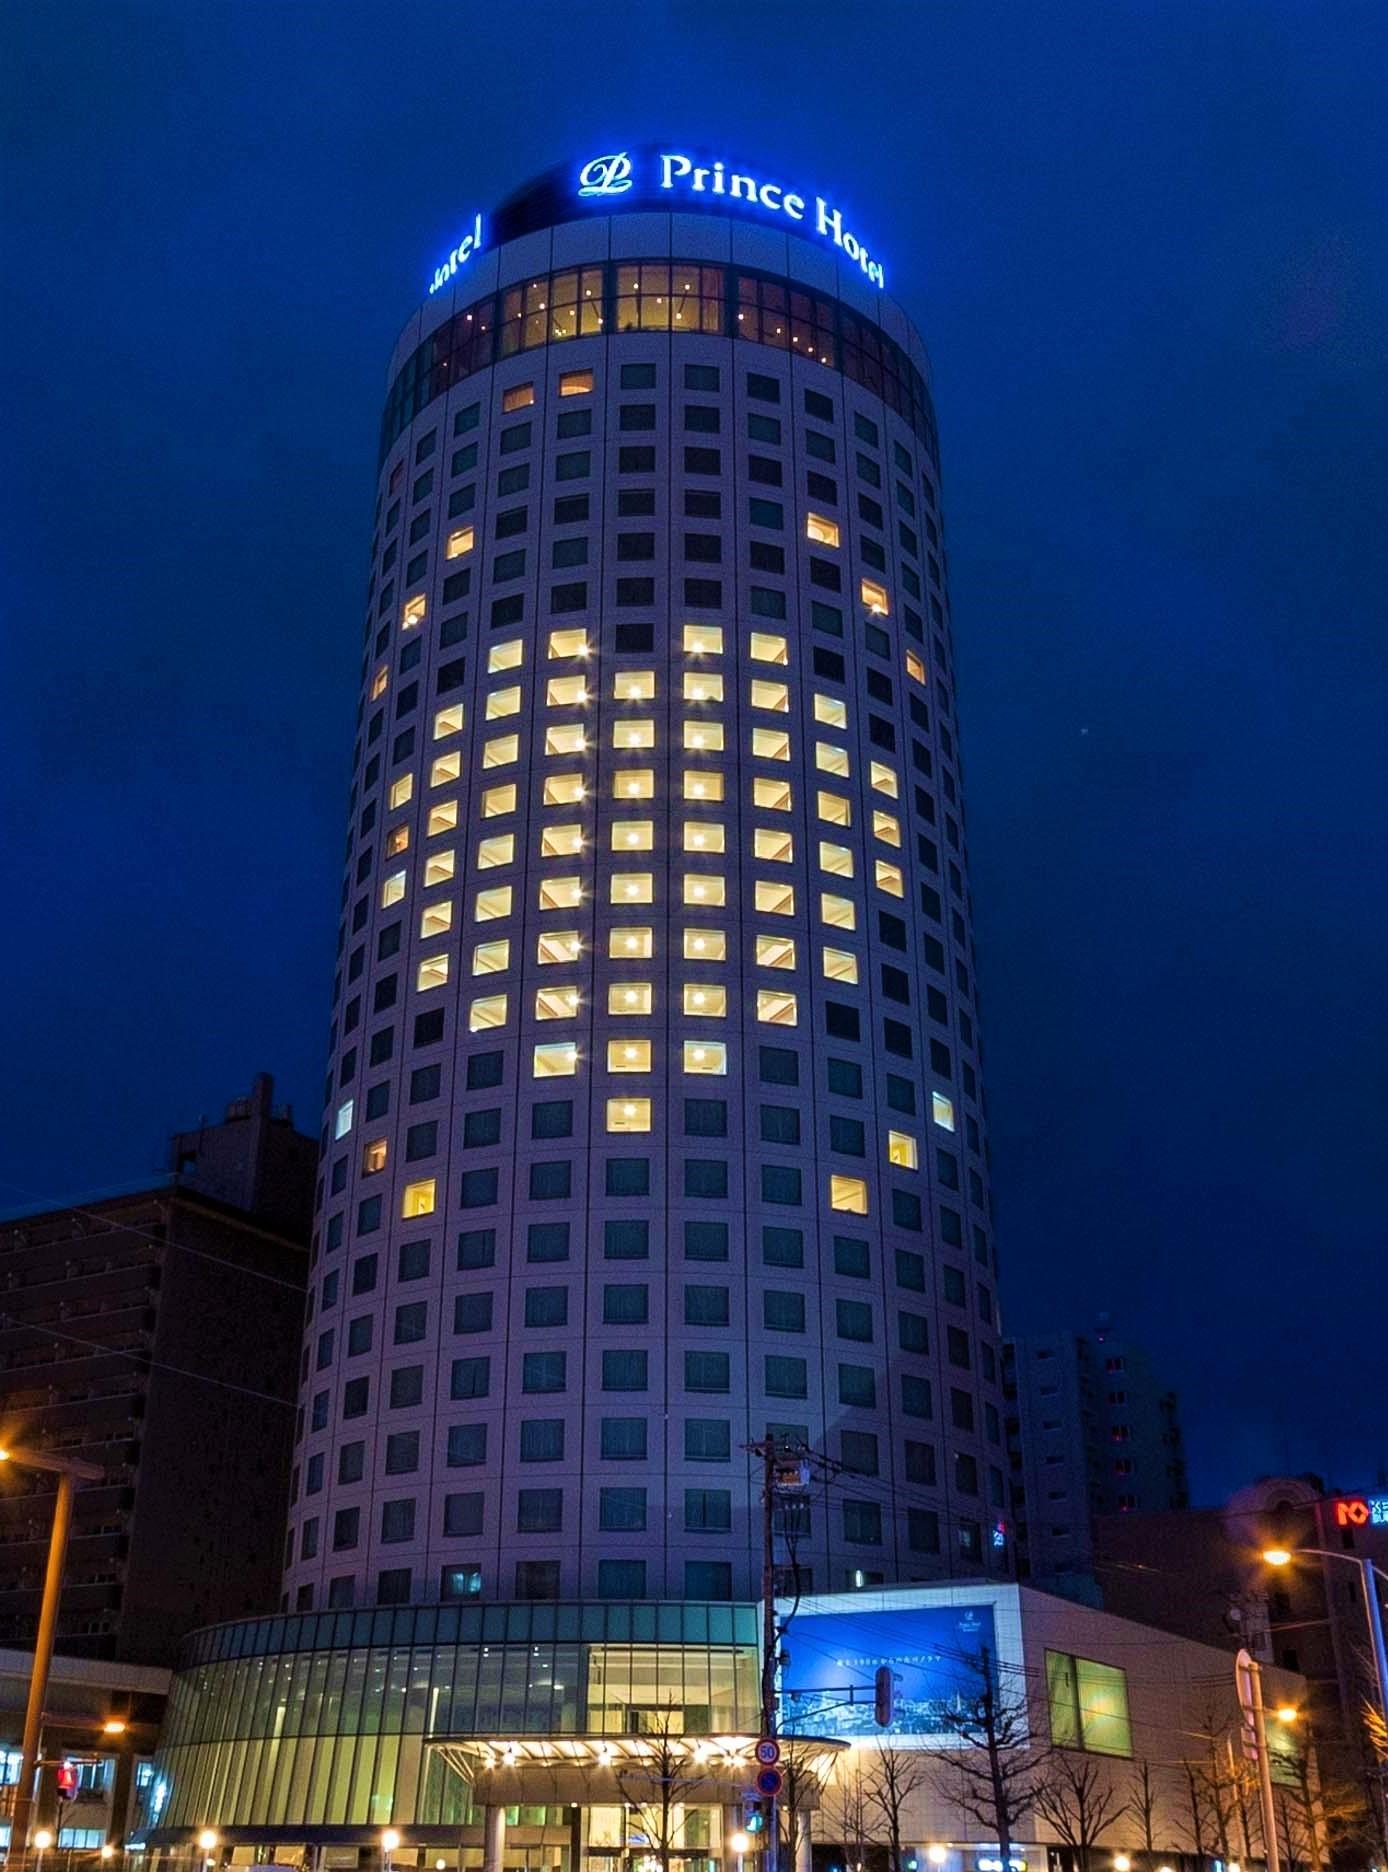 ハートのマークで元気を 札幌プリンスホテルがライトアップ - 観光経済新聞